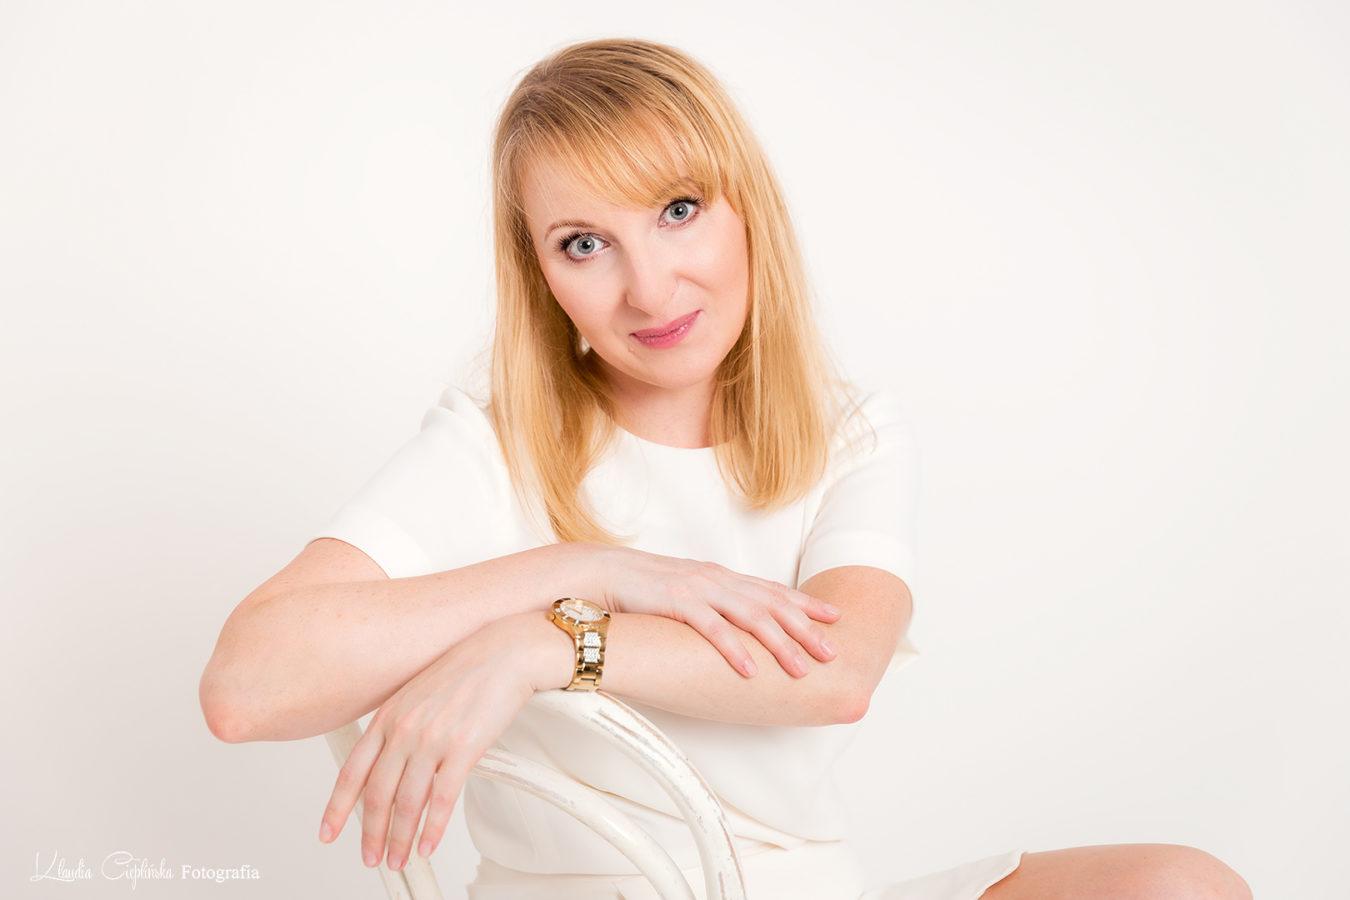 Naturalna, Artystyczna fotografia kobieca - Klaudia Cieplińska - zdjęcia portretowe, sesje kobiece, fotografia rodzinna. Zapraszam